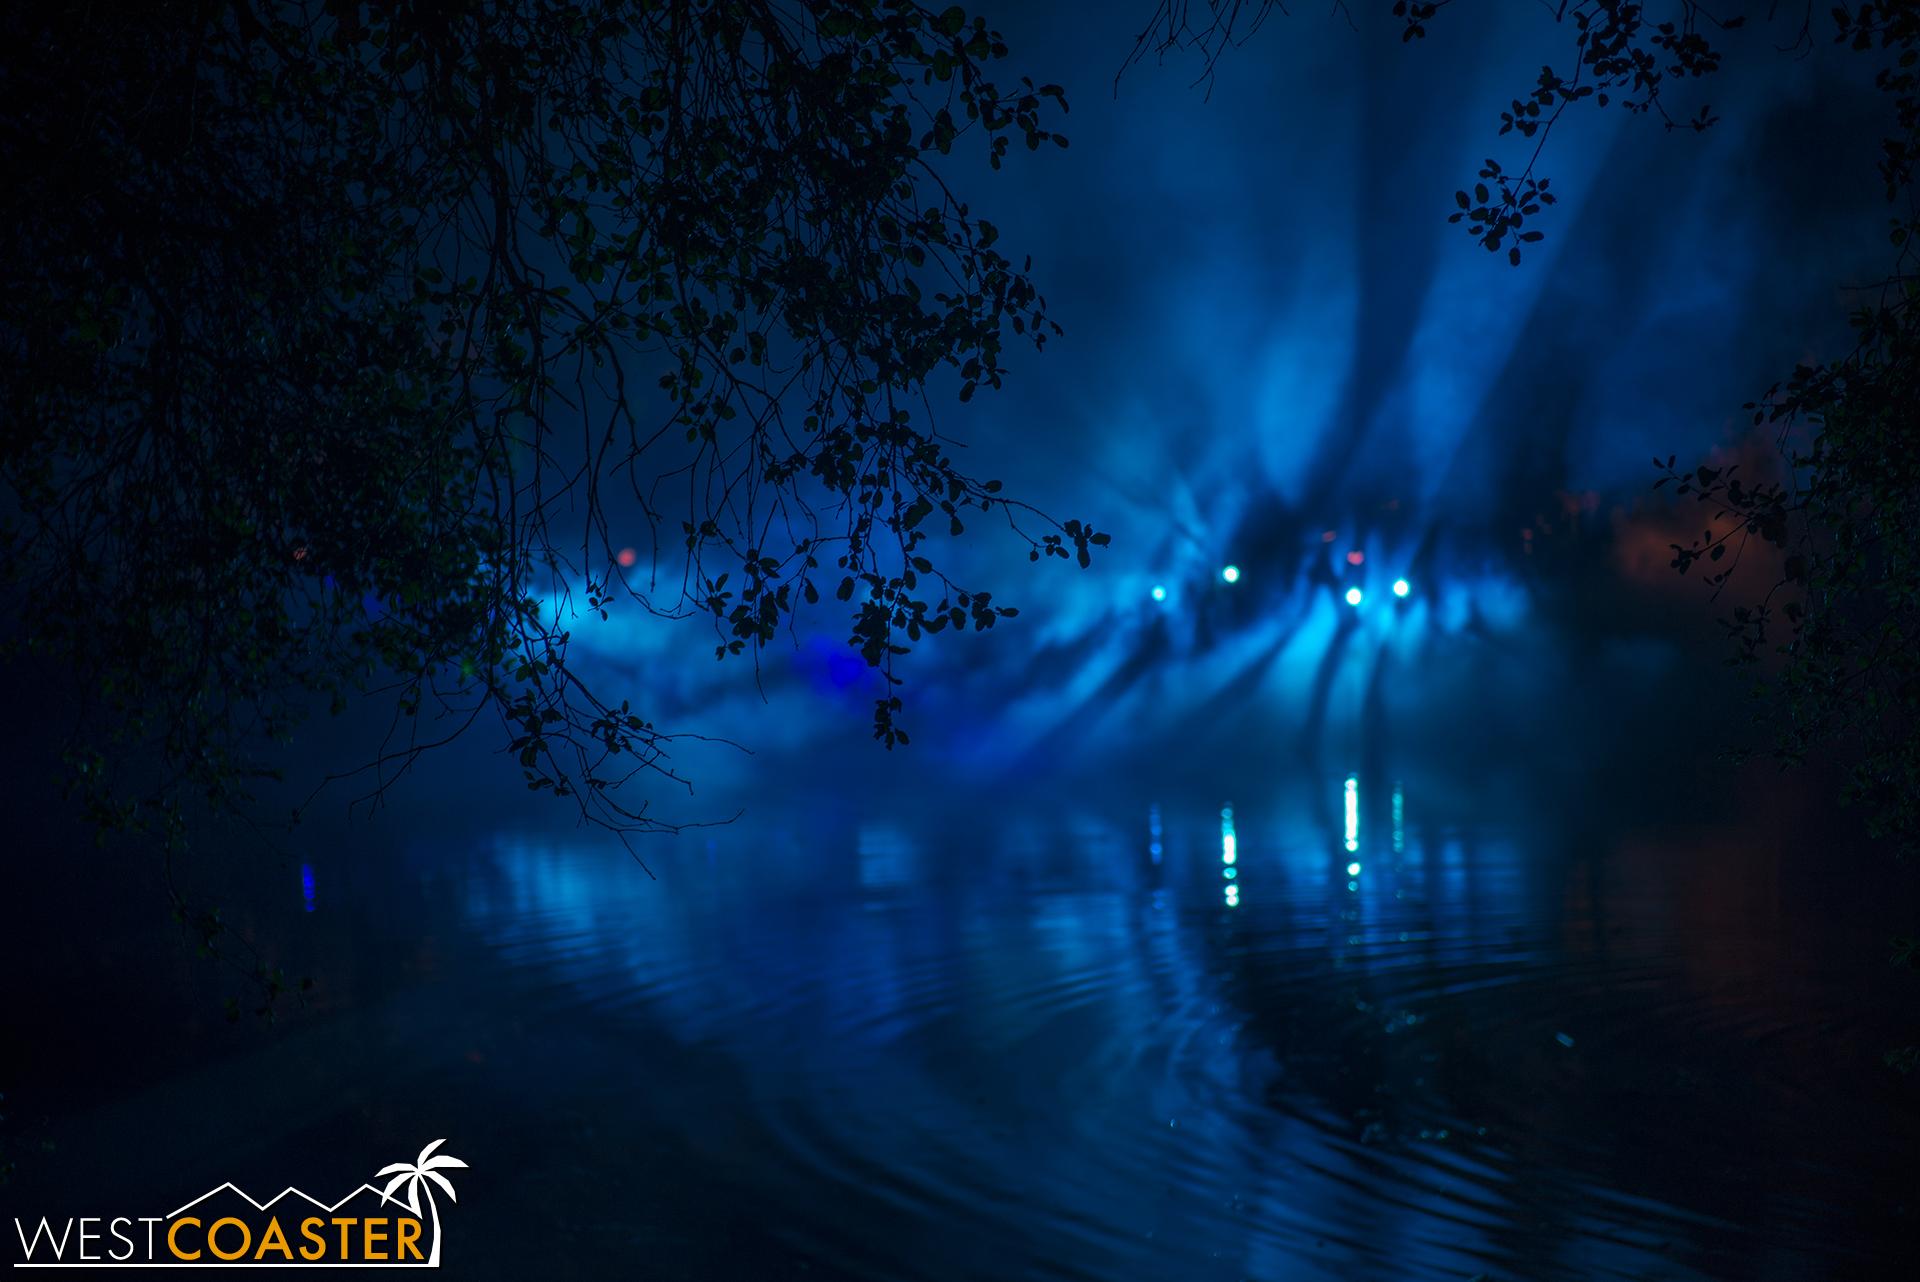 Descanso-17_1201-04-LightwaveLake-0002.jpg